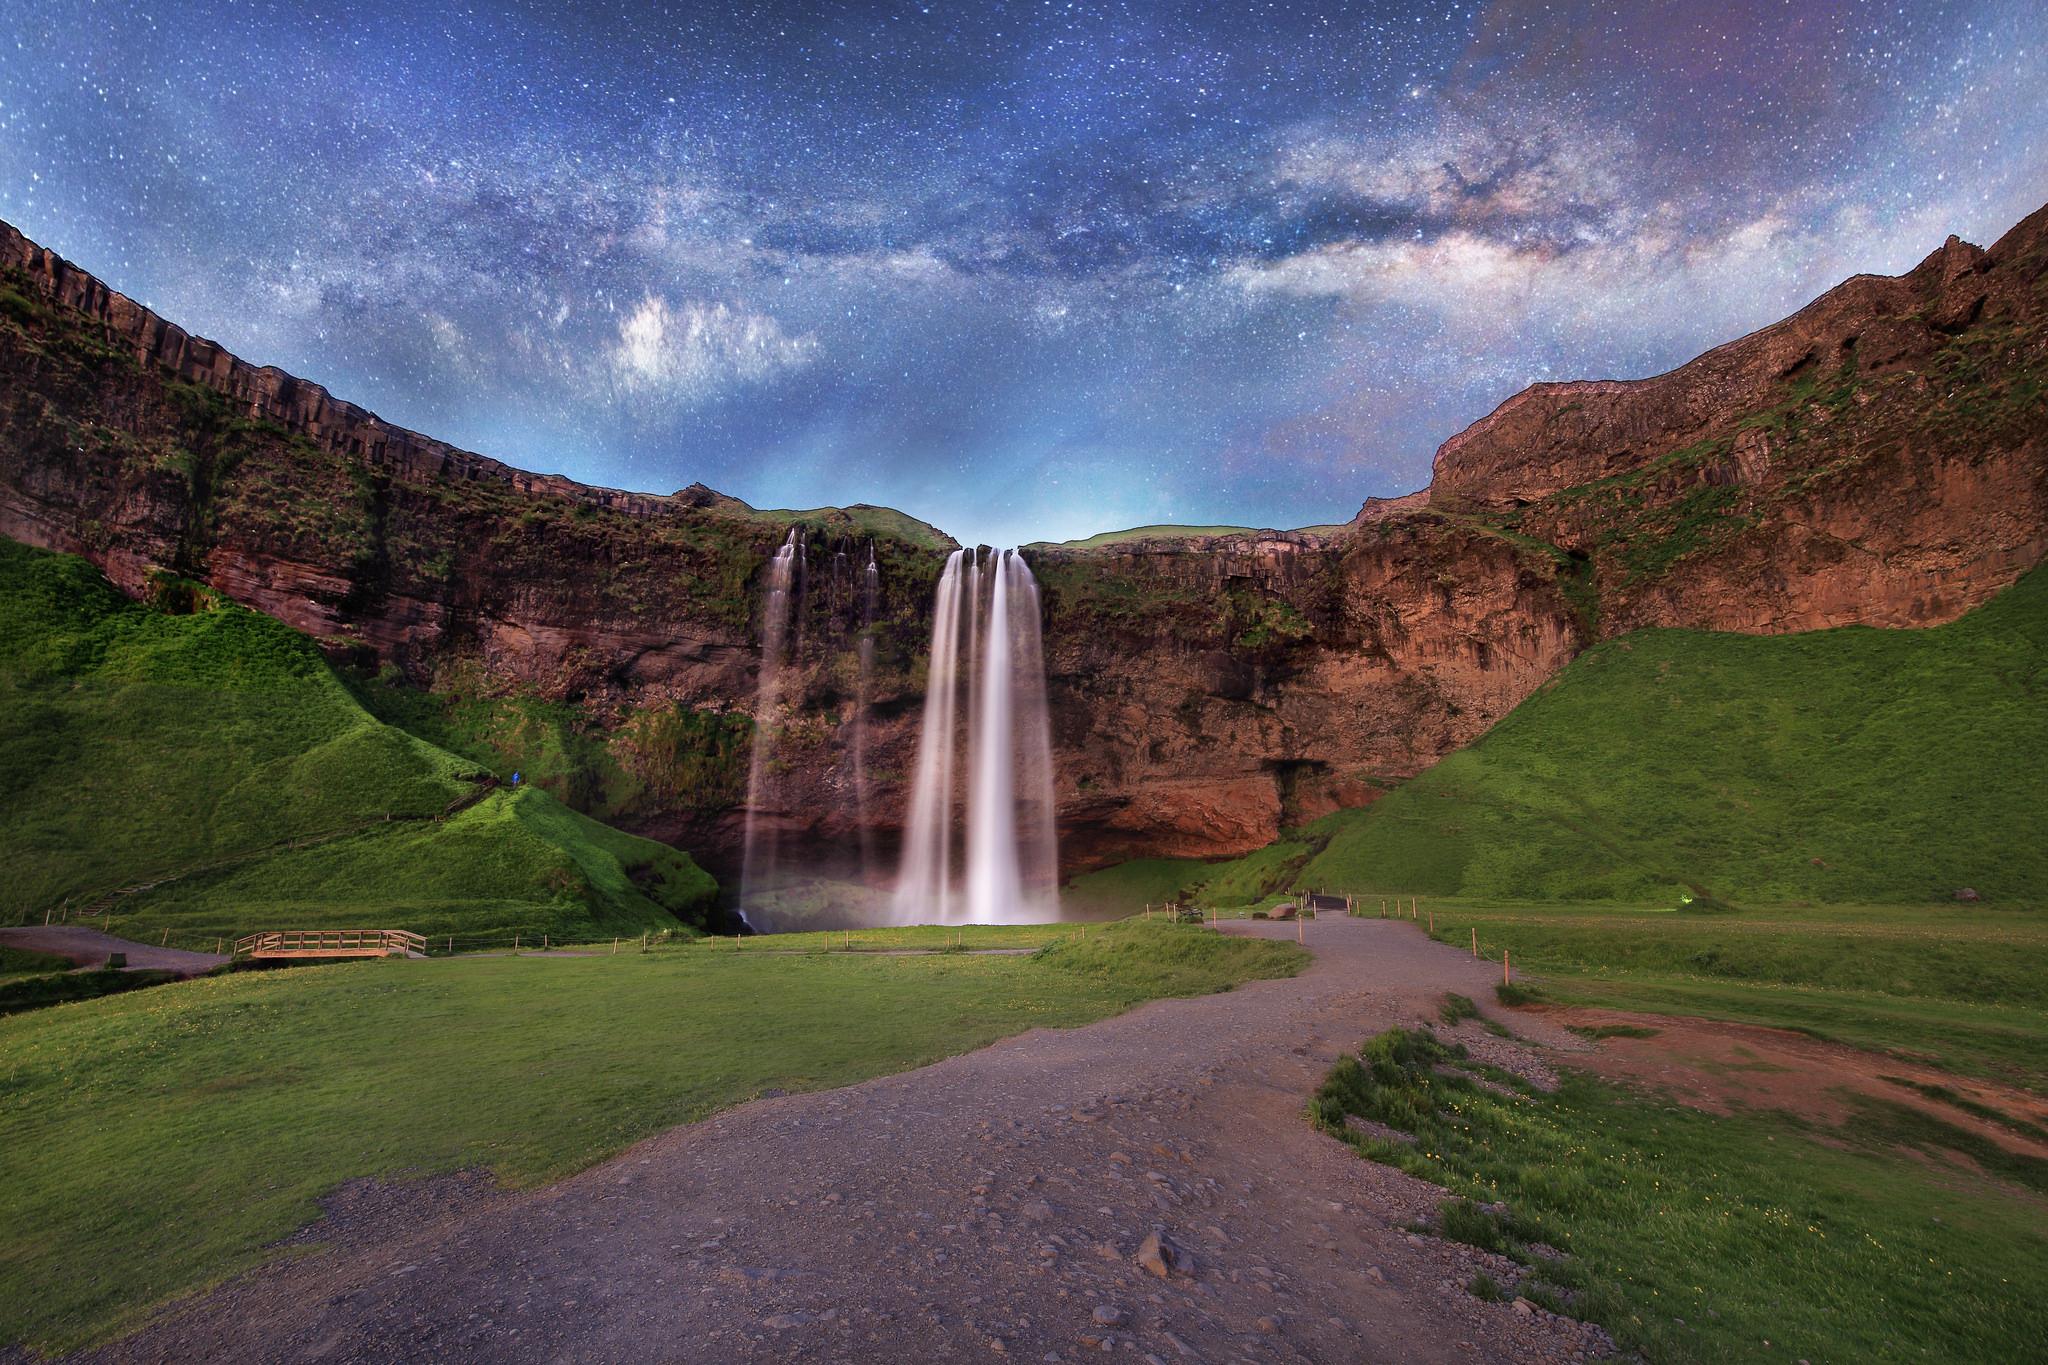 водопад, Исландия, Млечный Путь